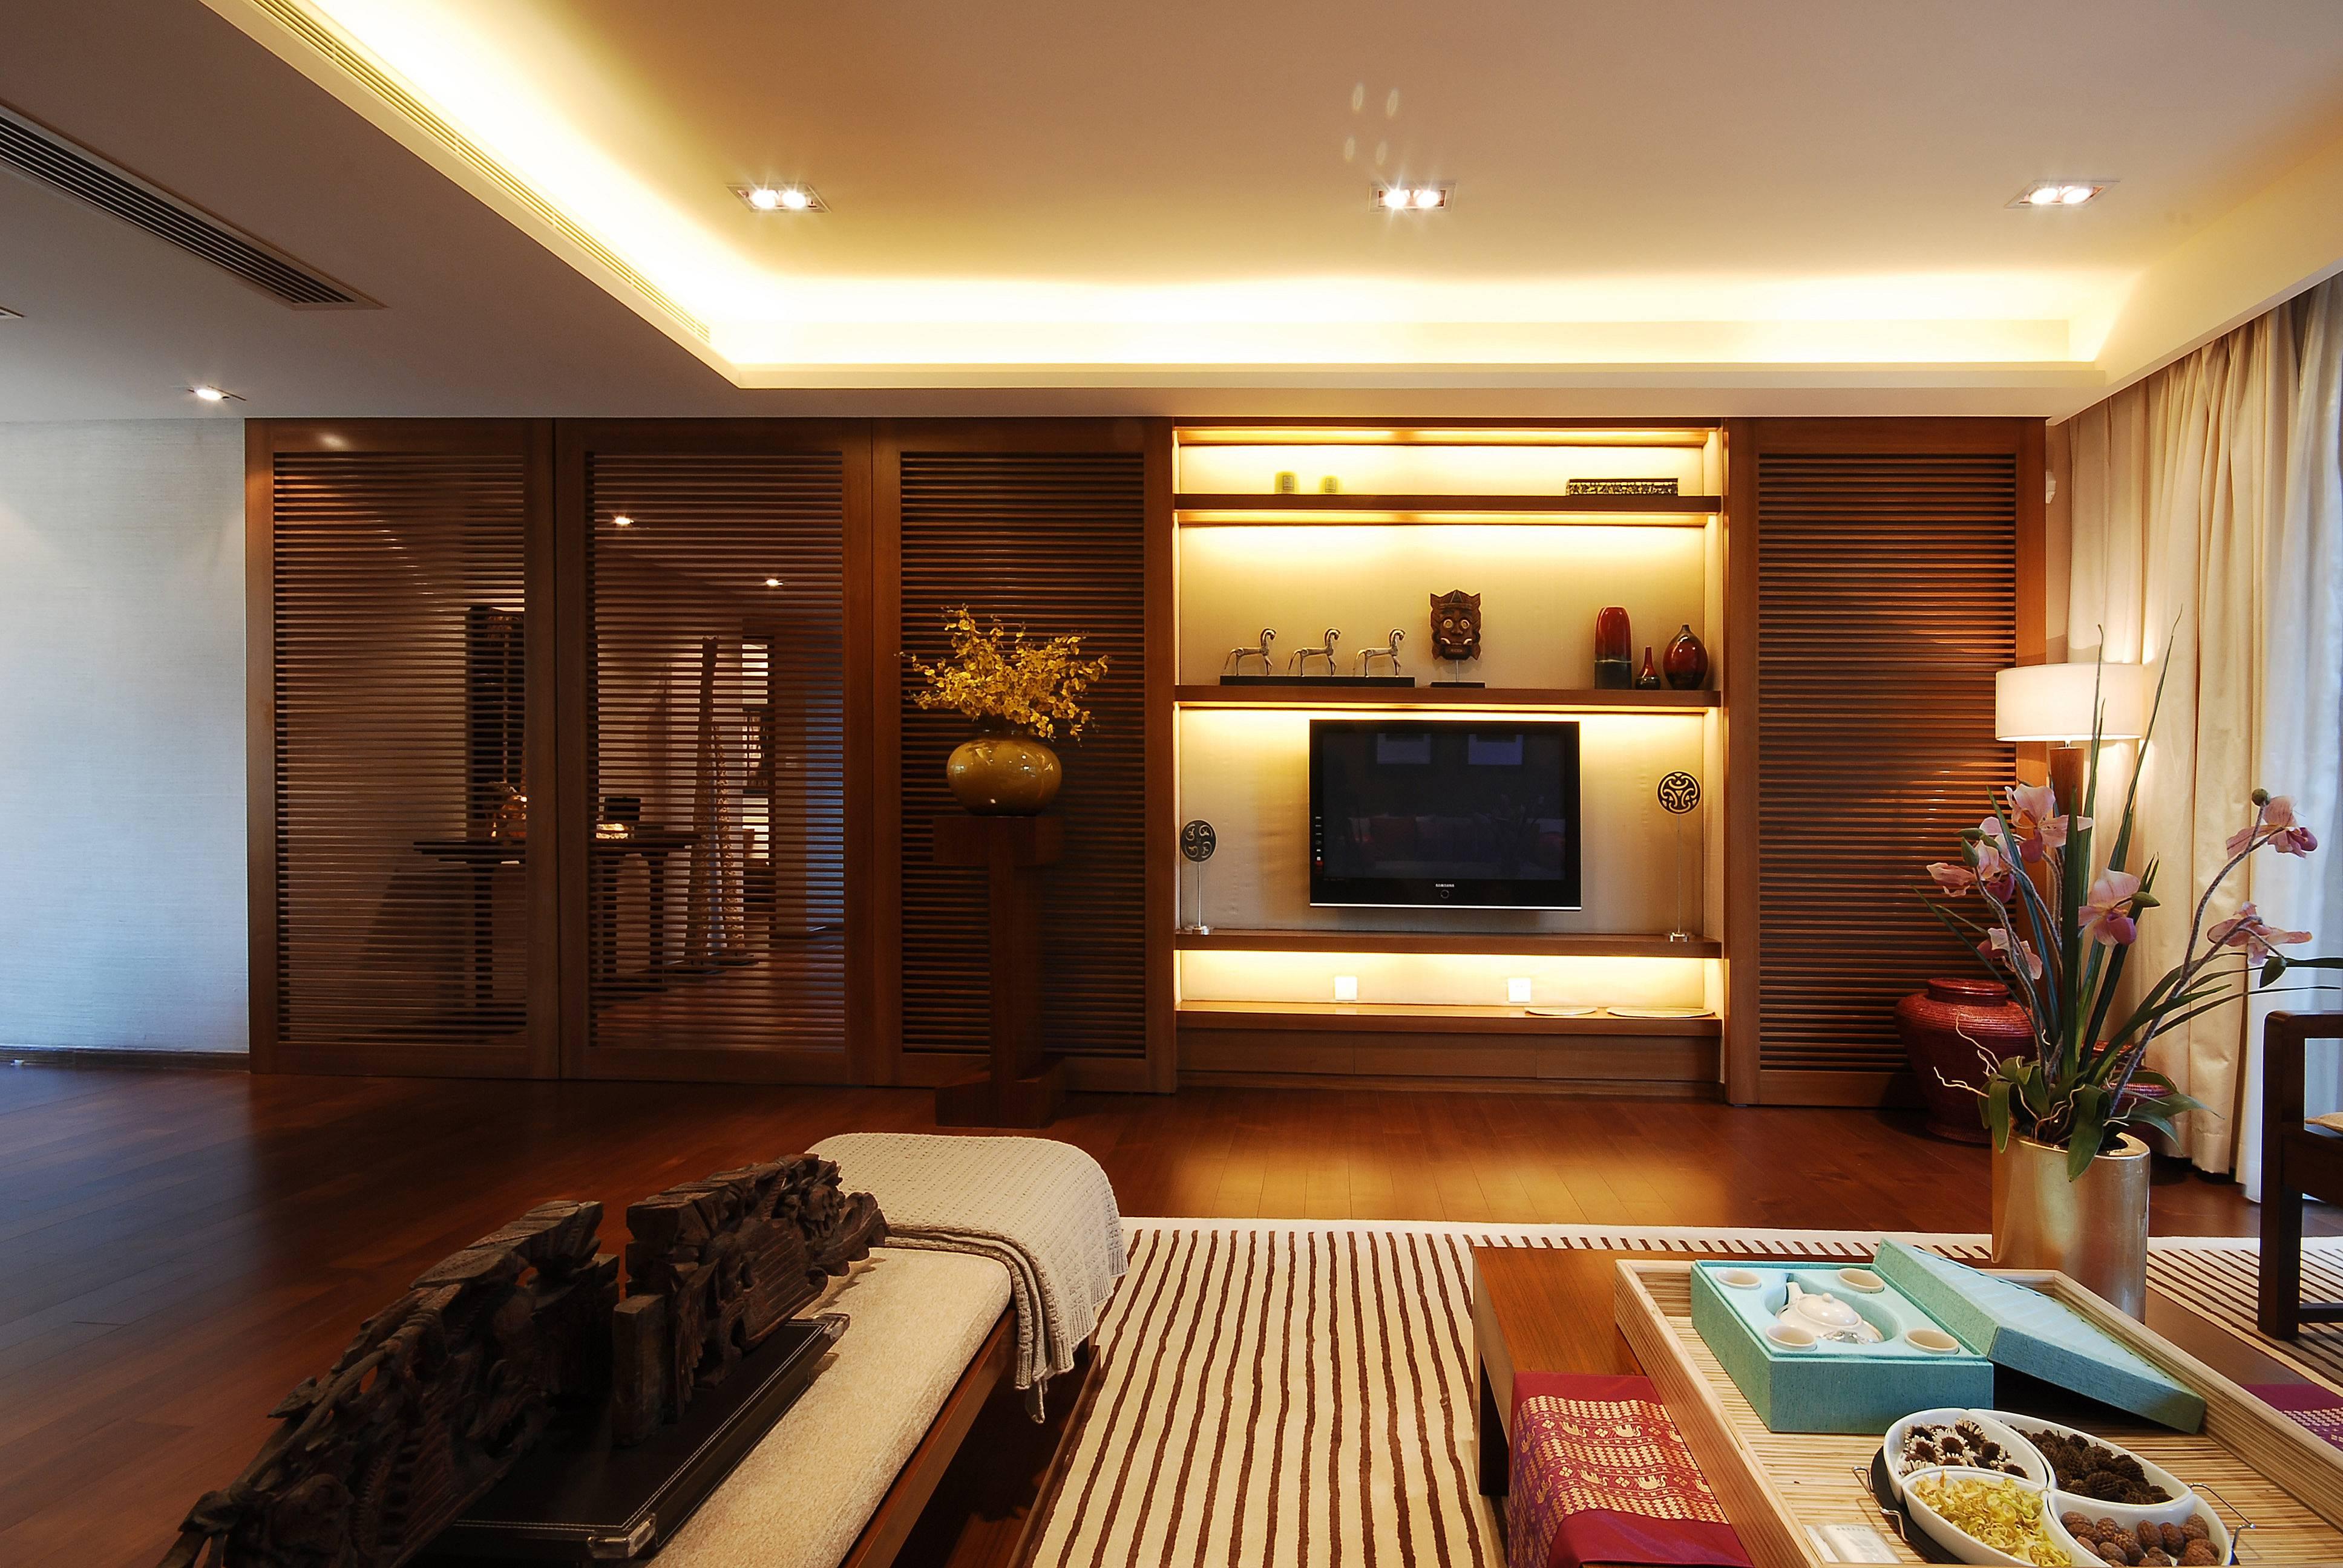 现代中式别墅电视背景墙装修设计效果图